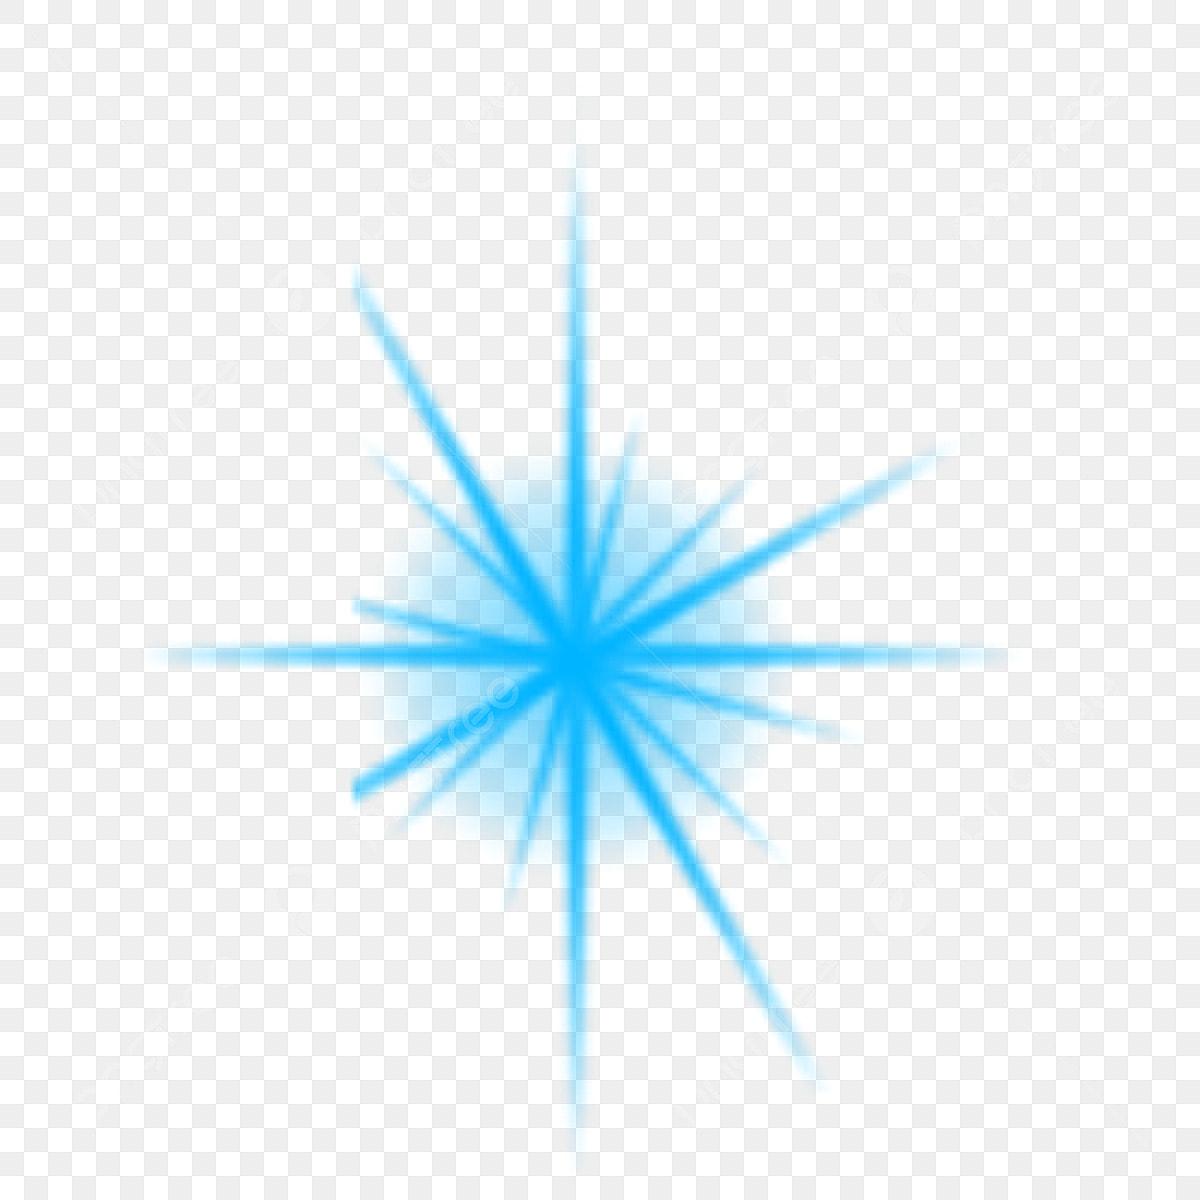 نجوم خلفية شفافة خط ناقلات الملخص خط الايقونات أيقونات شفافة